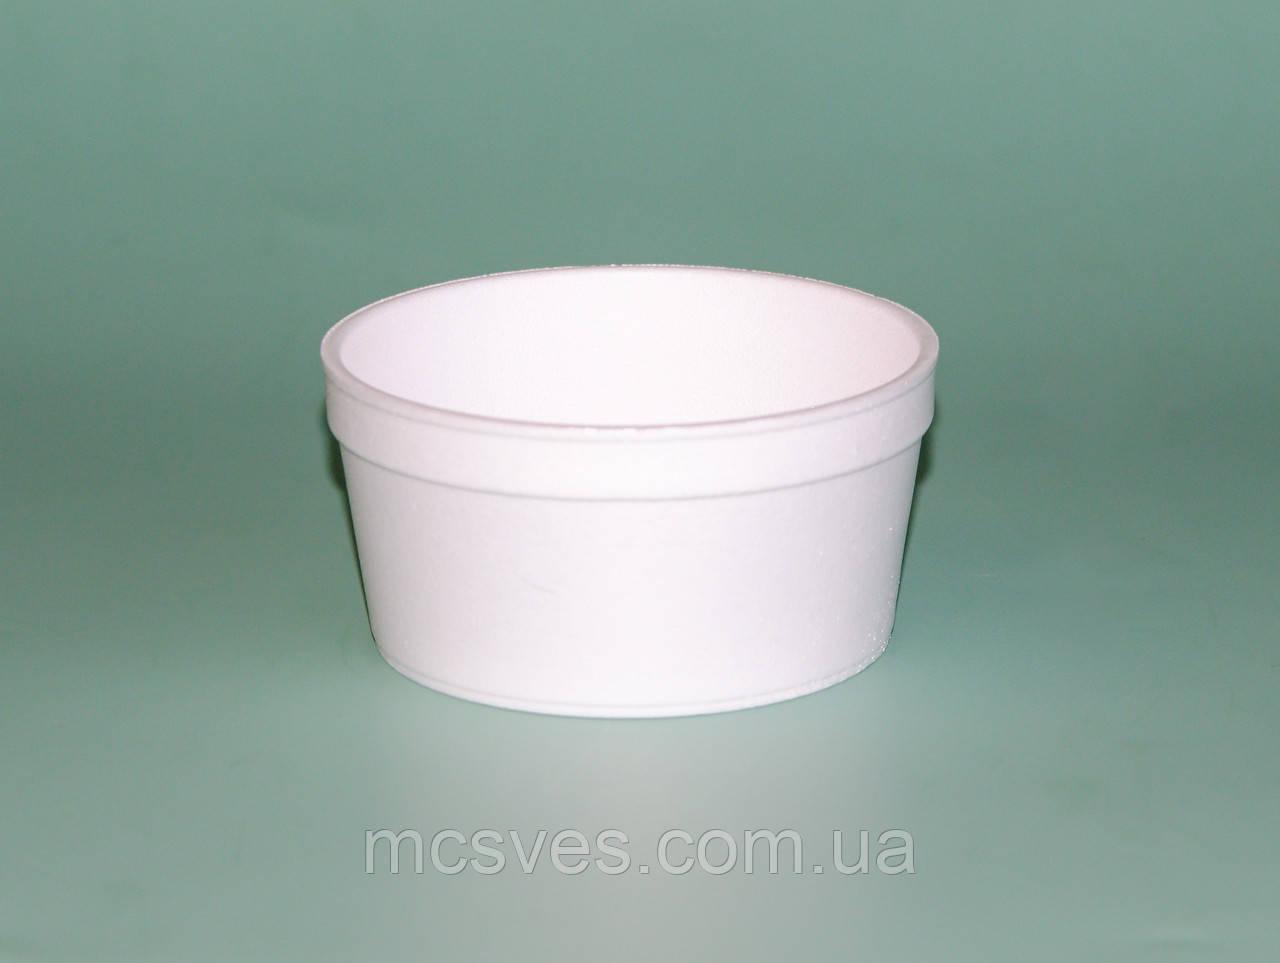 Емкость супная из вспененного полистирола с крышкой, 240 мл